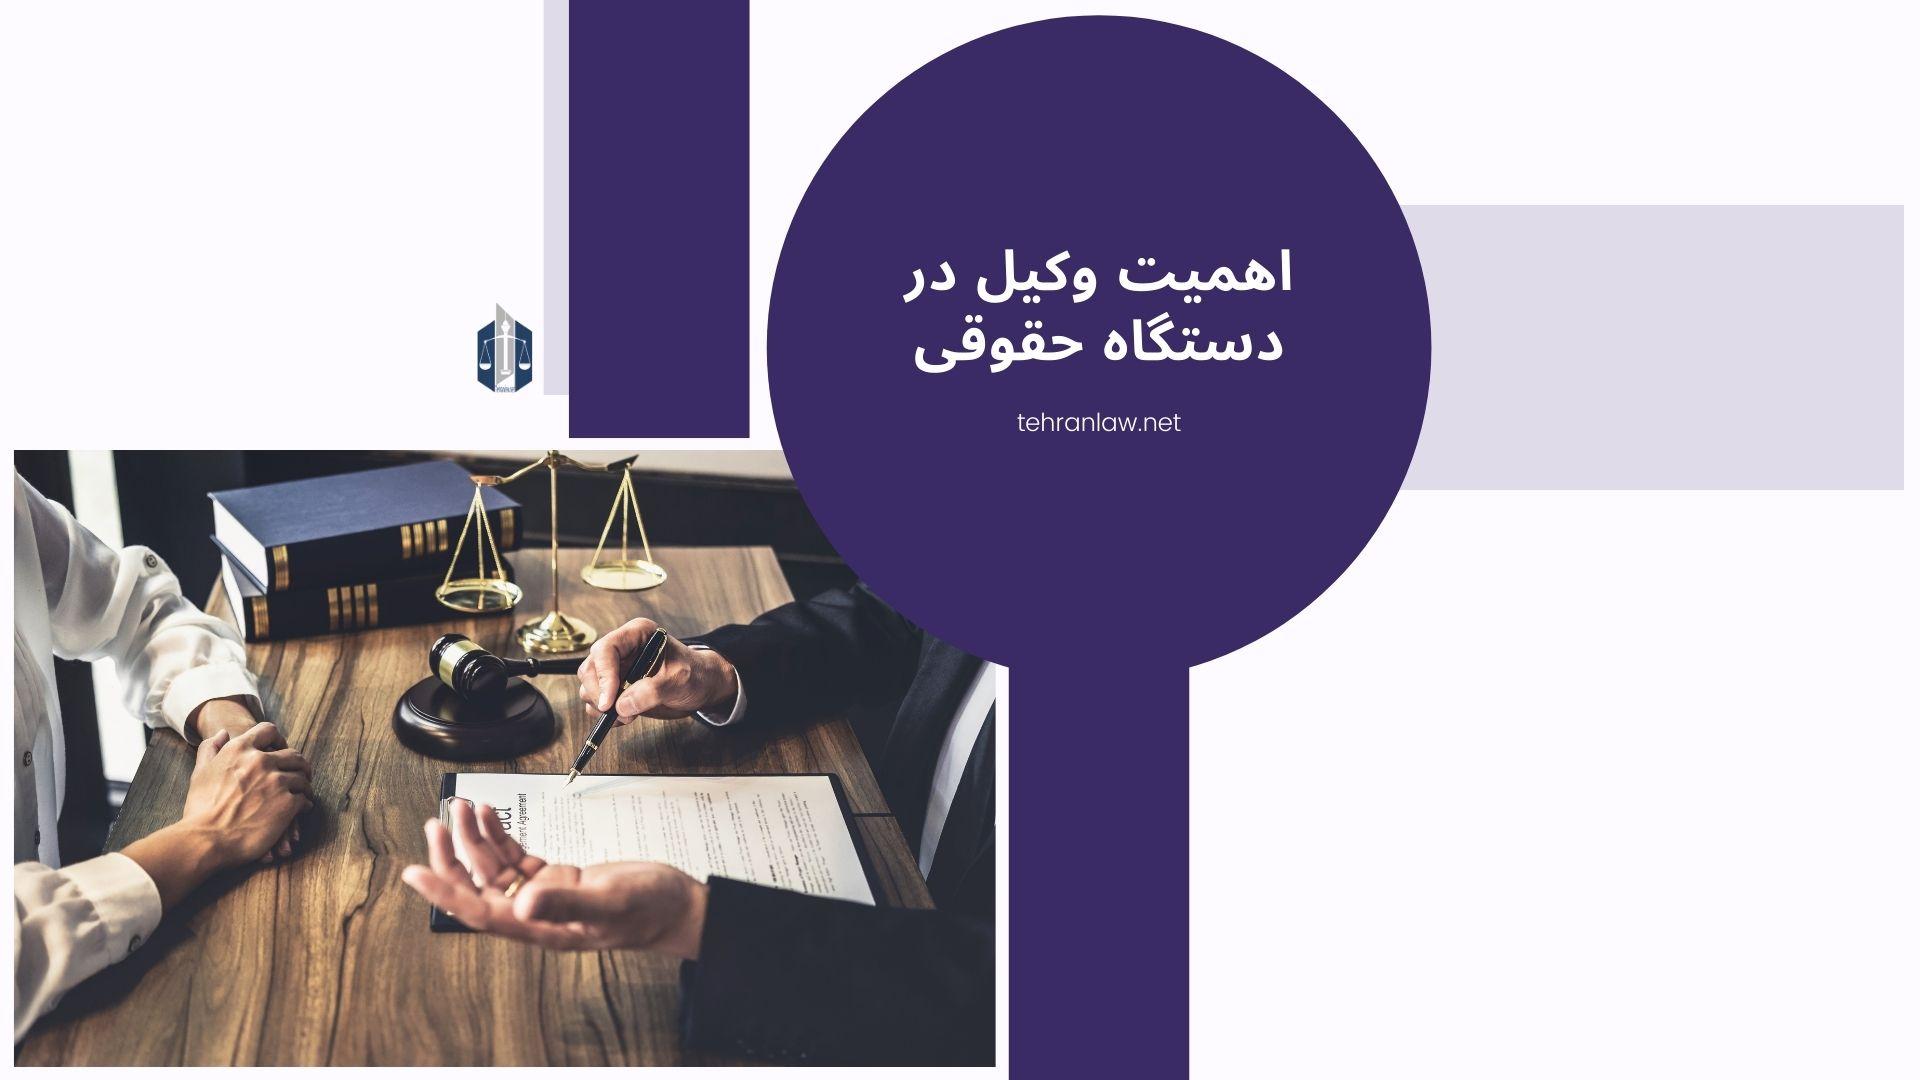 اهمیت وکیل در دستگاه حقوقی